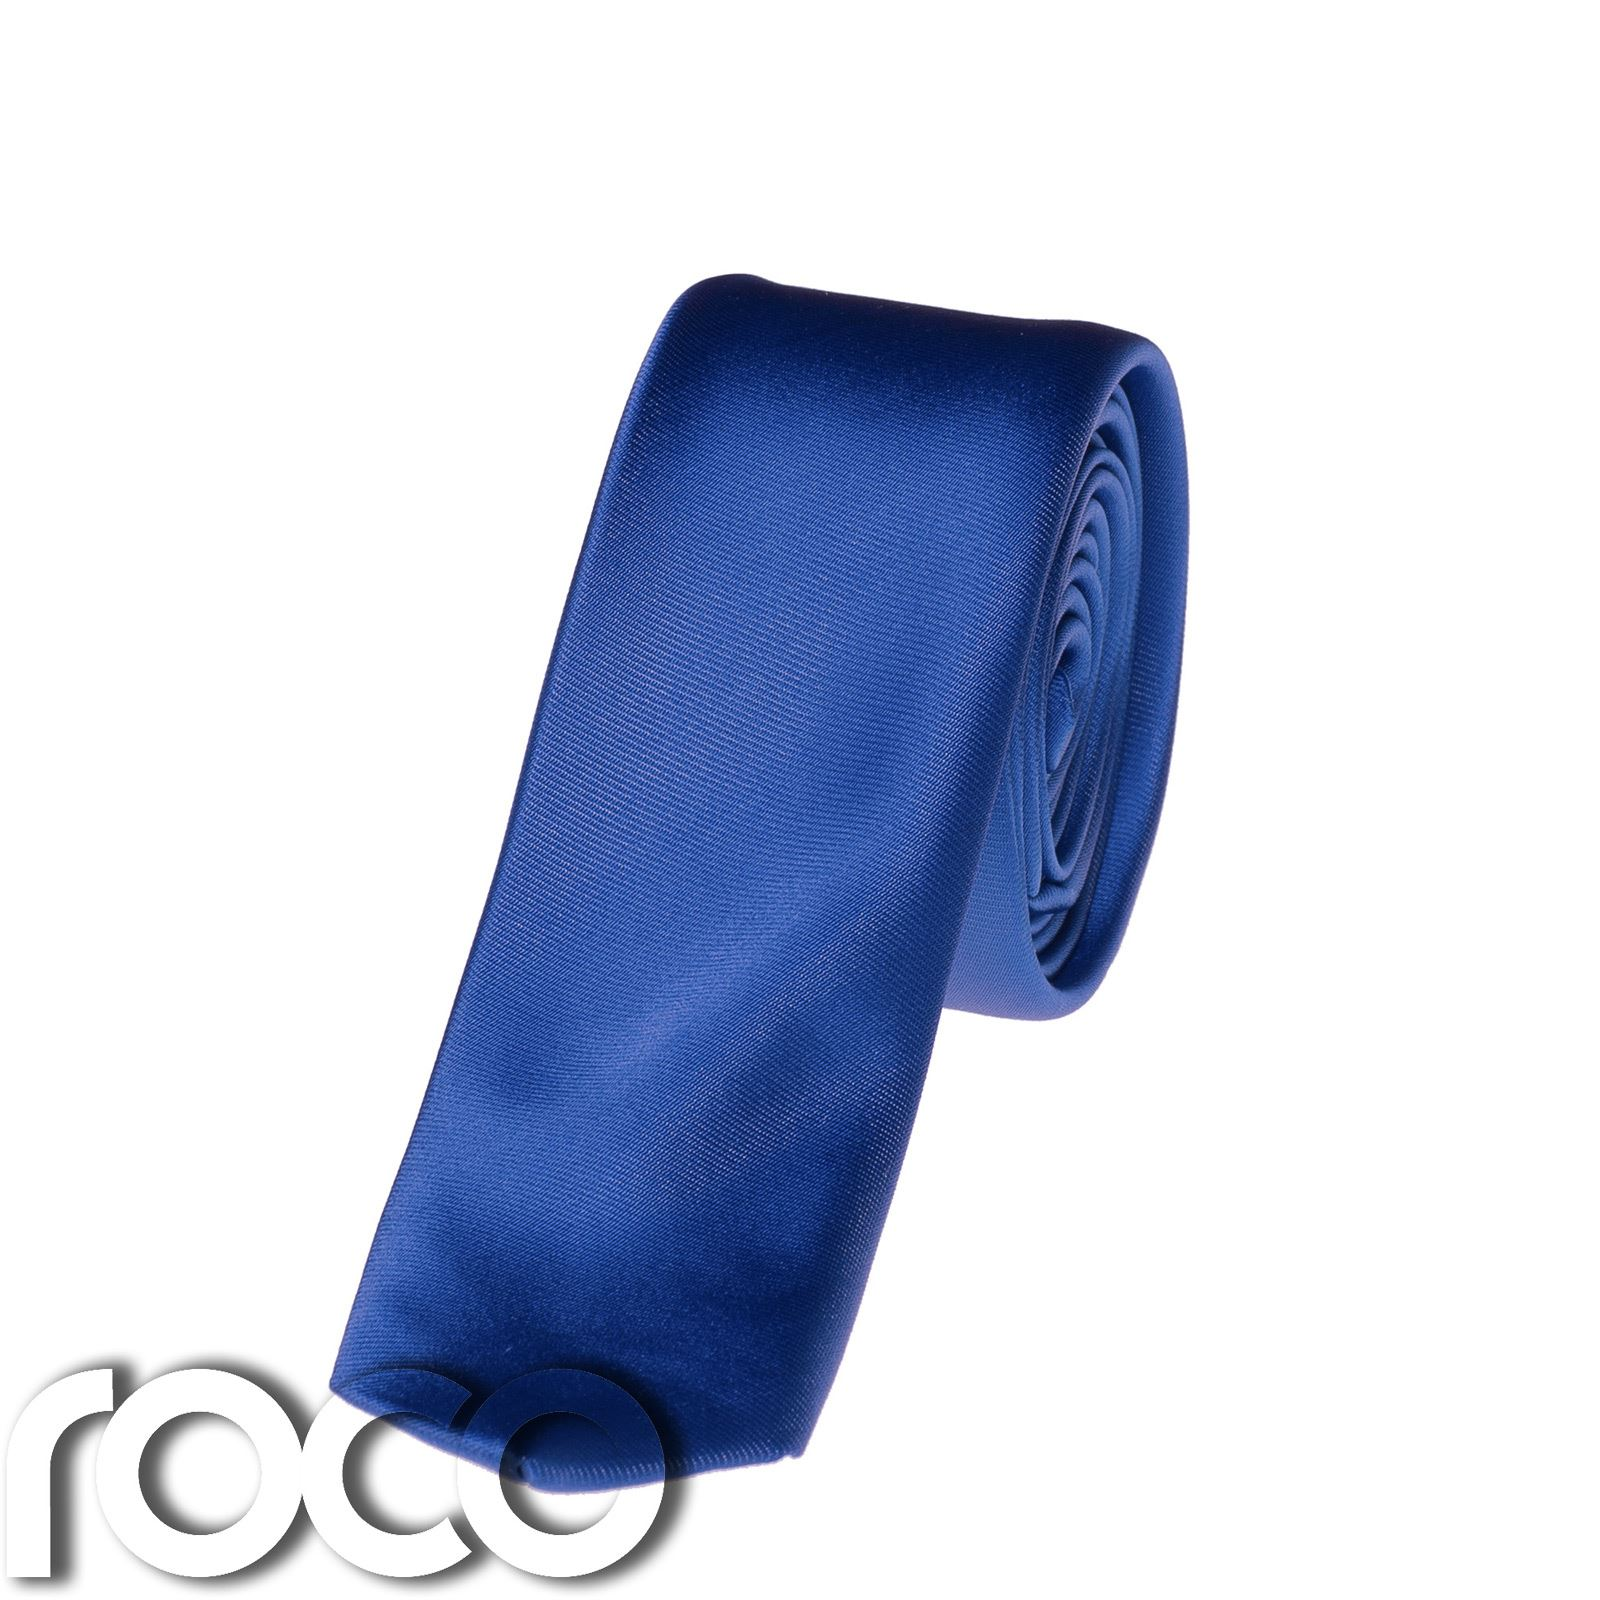 Ragazzi Blu Royal Cravatte, Ragazzi Cravatte Sottili, Ragazzi Lacci Formali, Cravatte Per Ragazzi-mostra Il Titolo Originale Prestazioni Affidabili